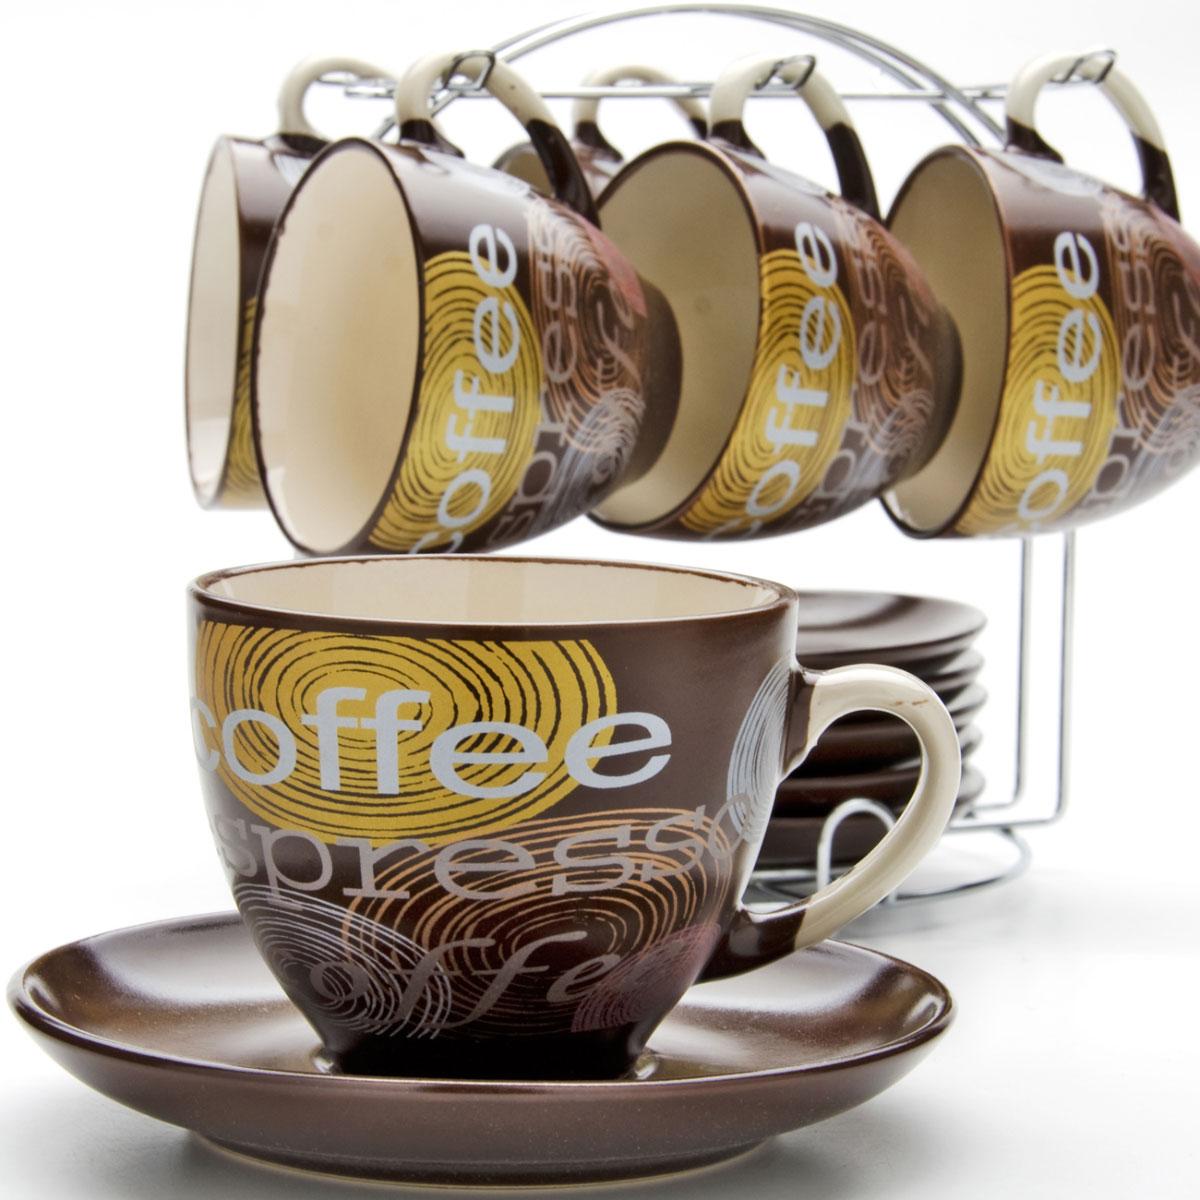 Набор чайный Mayer & Boch, на подставке, 13 предметов. 23538G4126В набор входят шесть чашек и 6 блюдец, изготовленных из керамики. Также в набор входит металлическая подставка. Чашки можно использовать для подогрева напитков в микроволновой печи и мыть в посудомоечной машине.Объем чашки: 220 мл.